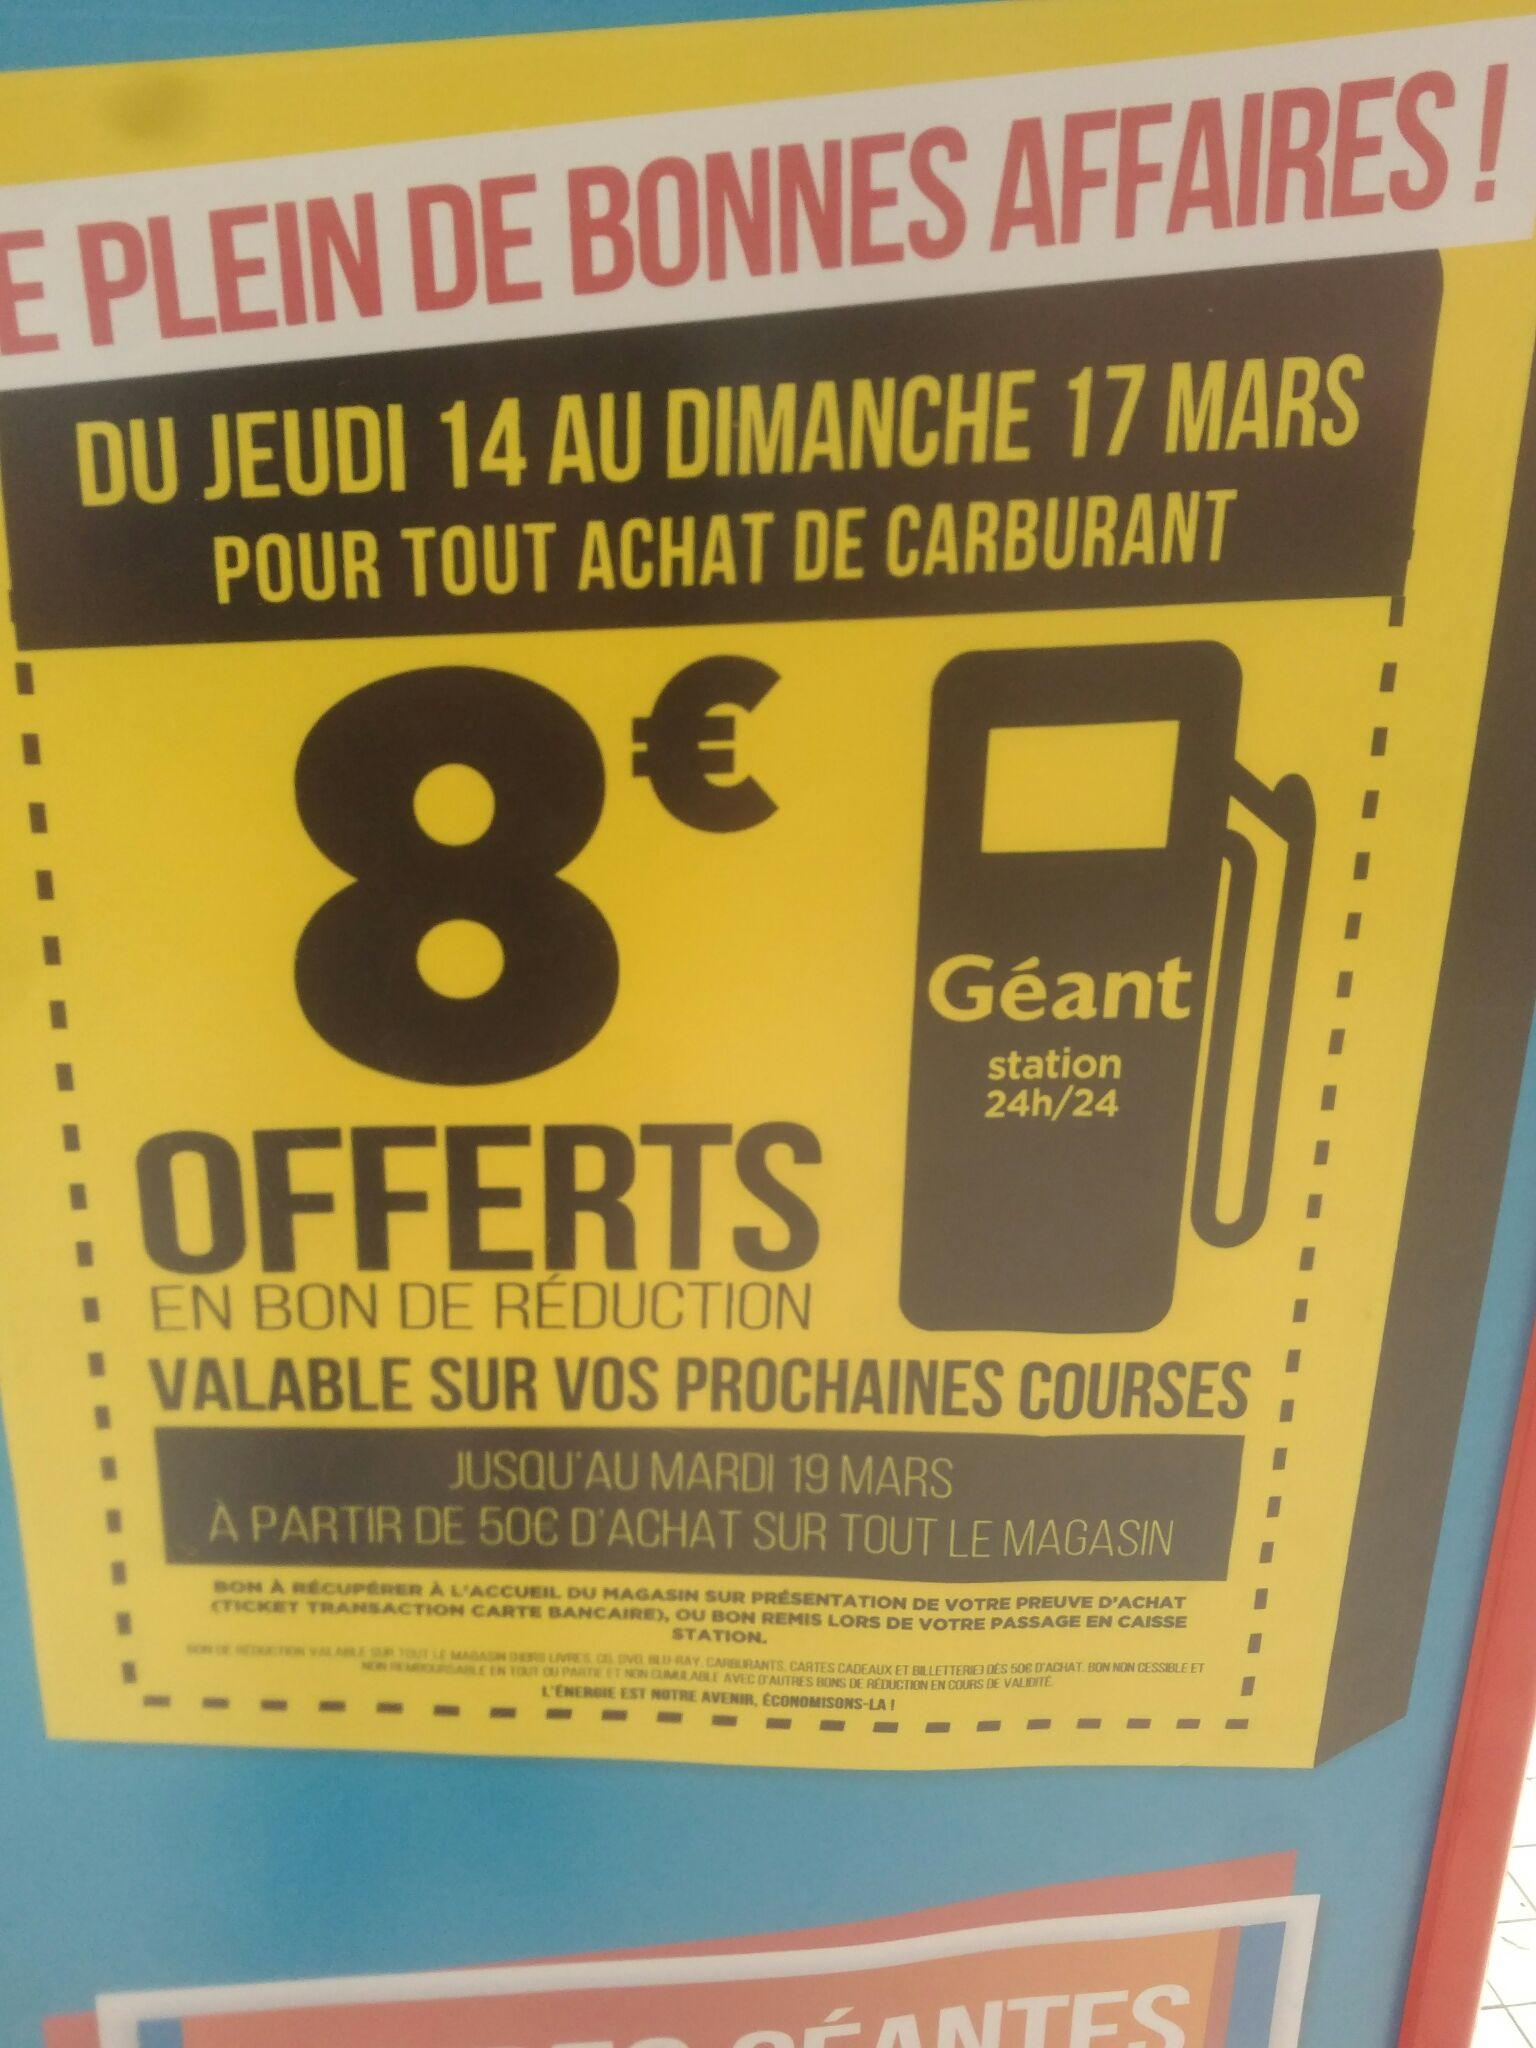 8€  Remise immediate sur vos courses (valable jusqu'au 19/03/19) pour tout achat de carburant (Mandelieu-la-Napoule 06)